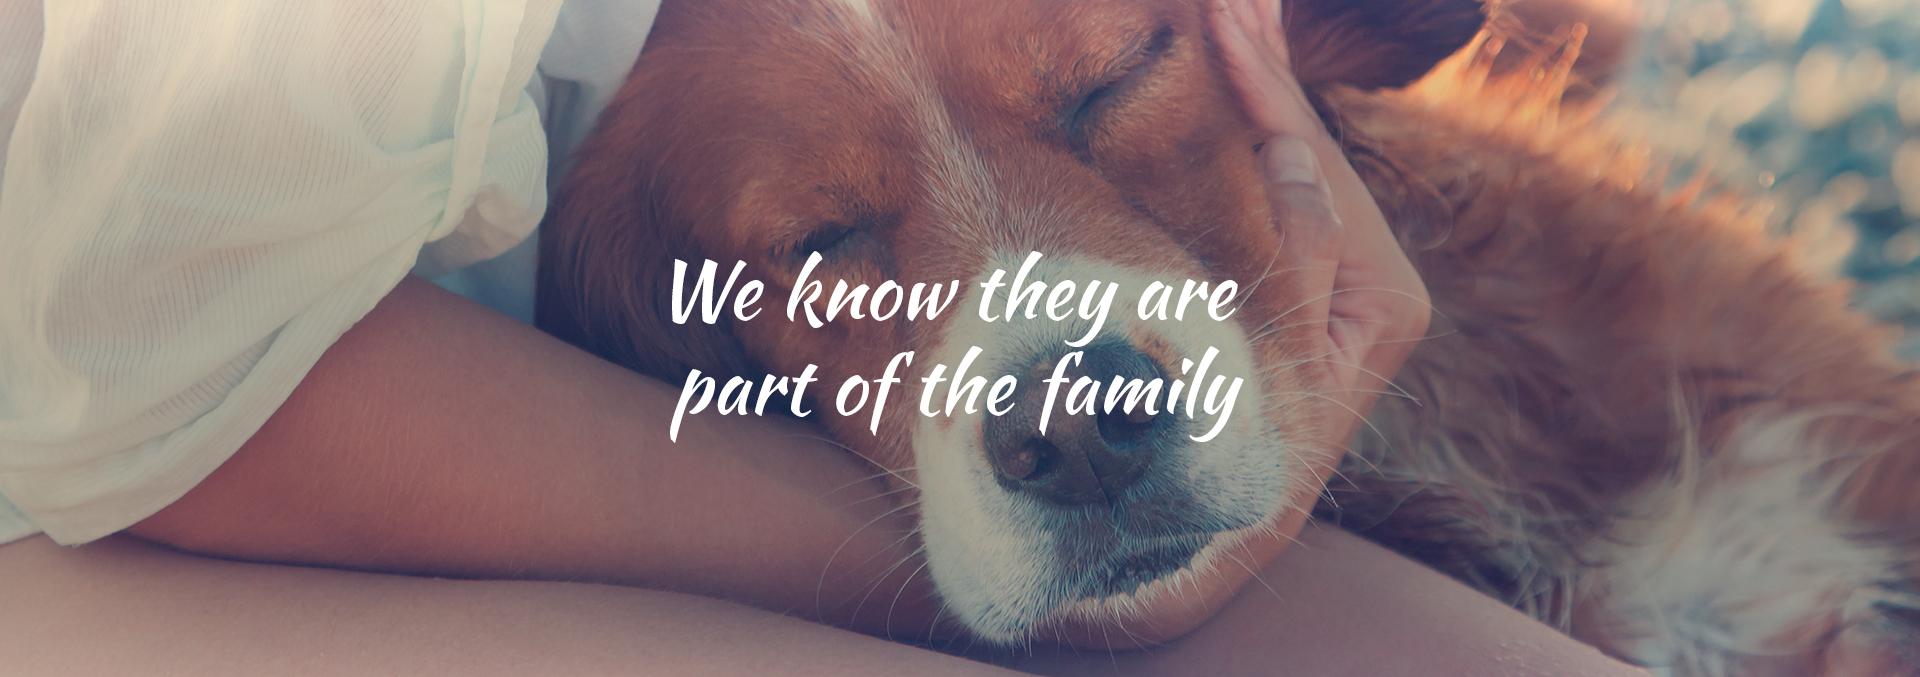 Nós sabemos